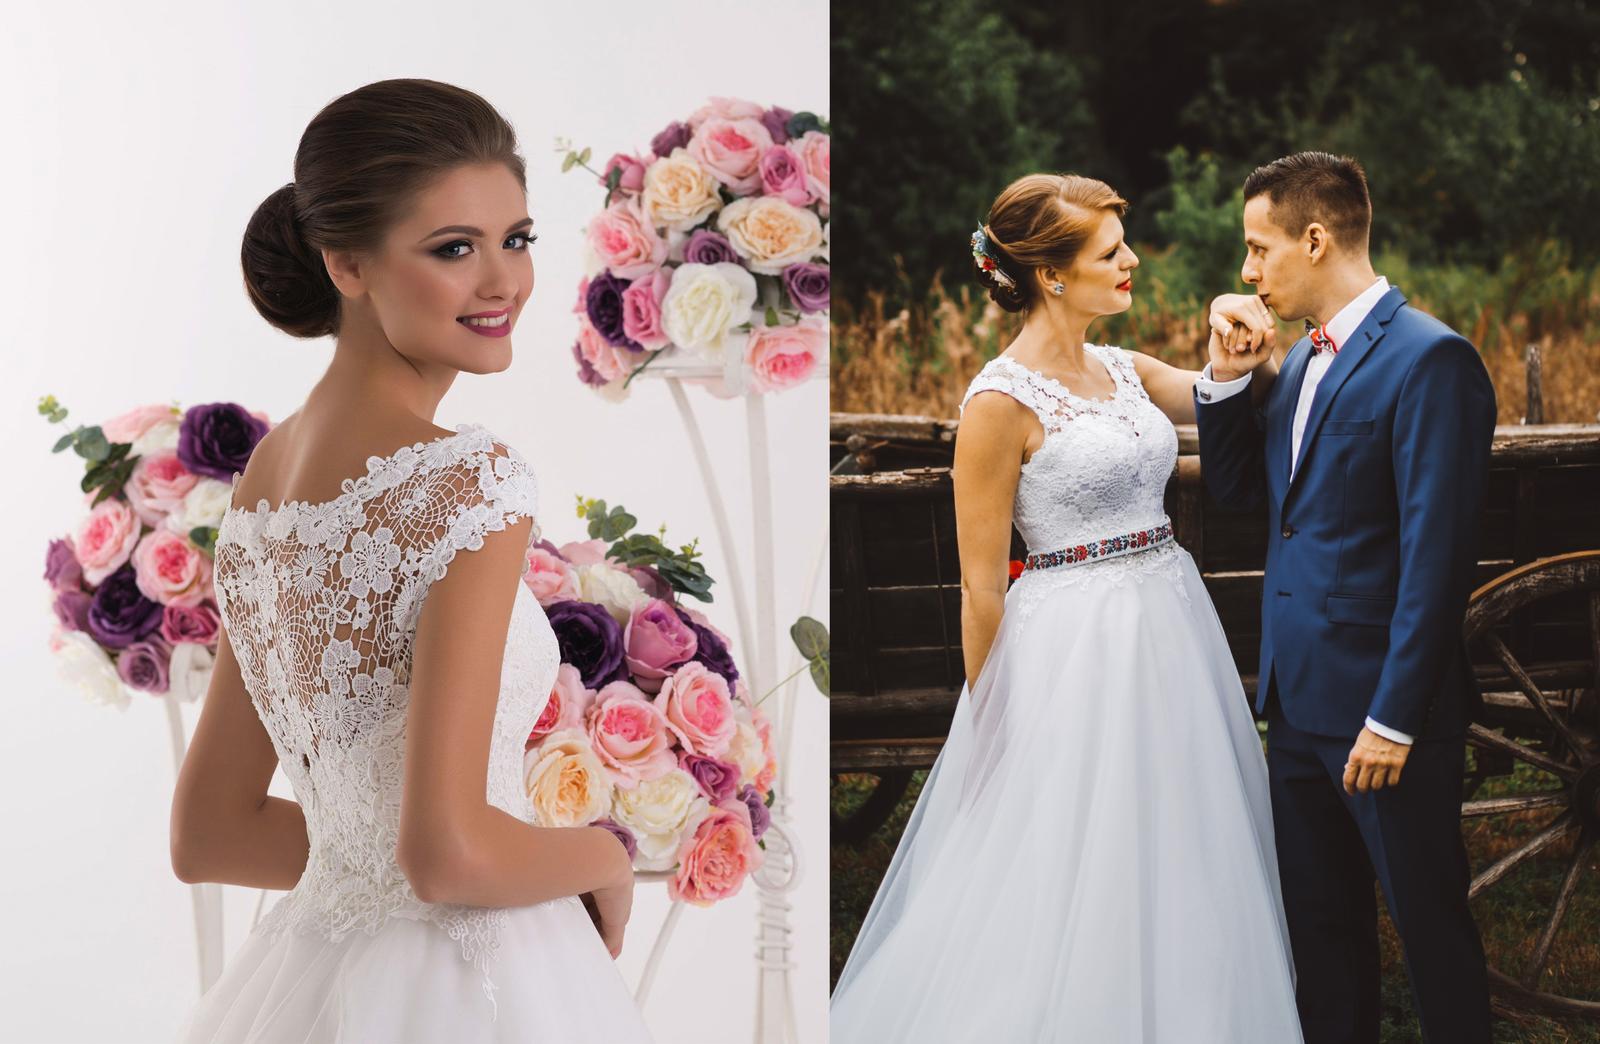 Svadobné šaty na modelke a na reálnej neveste - Nevesta @lucynkaa9 a jej svadobné šaty značky Hadassa, model Lany zo svadobné salónu EvaMária v Seredi.